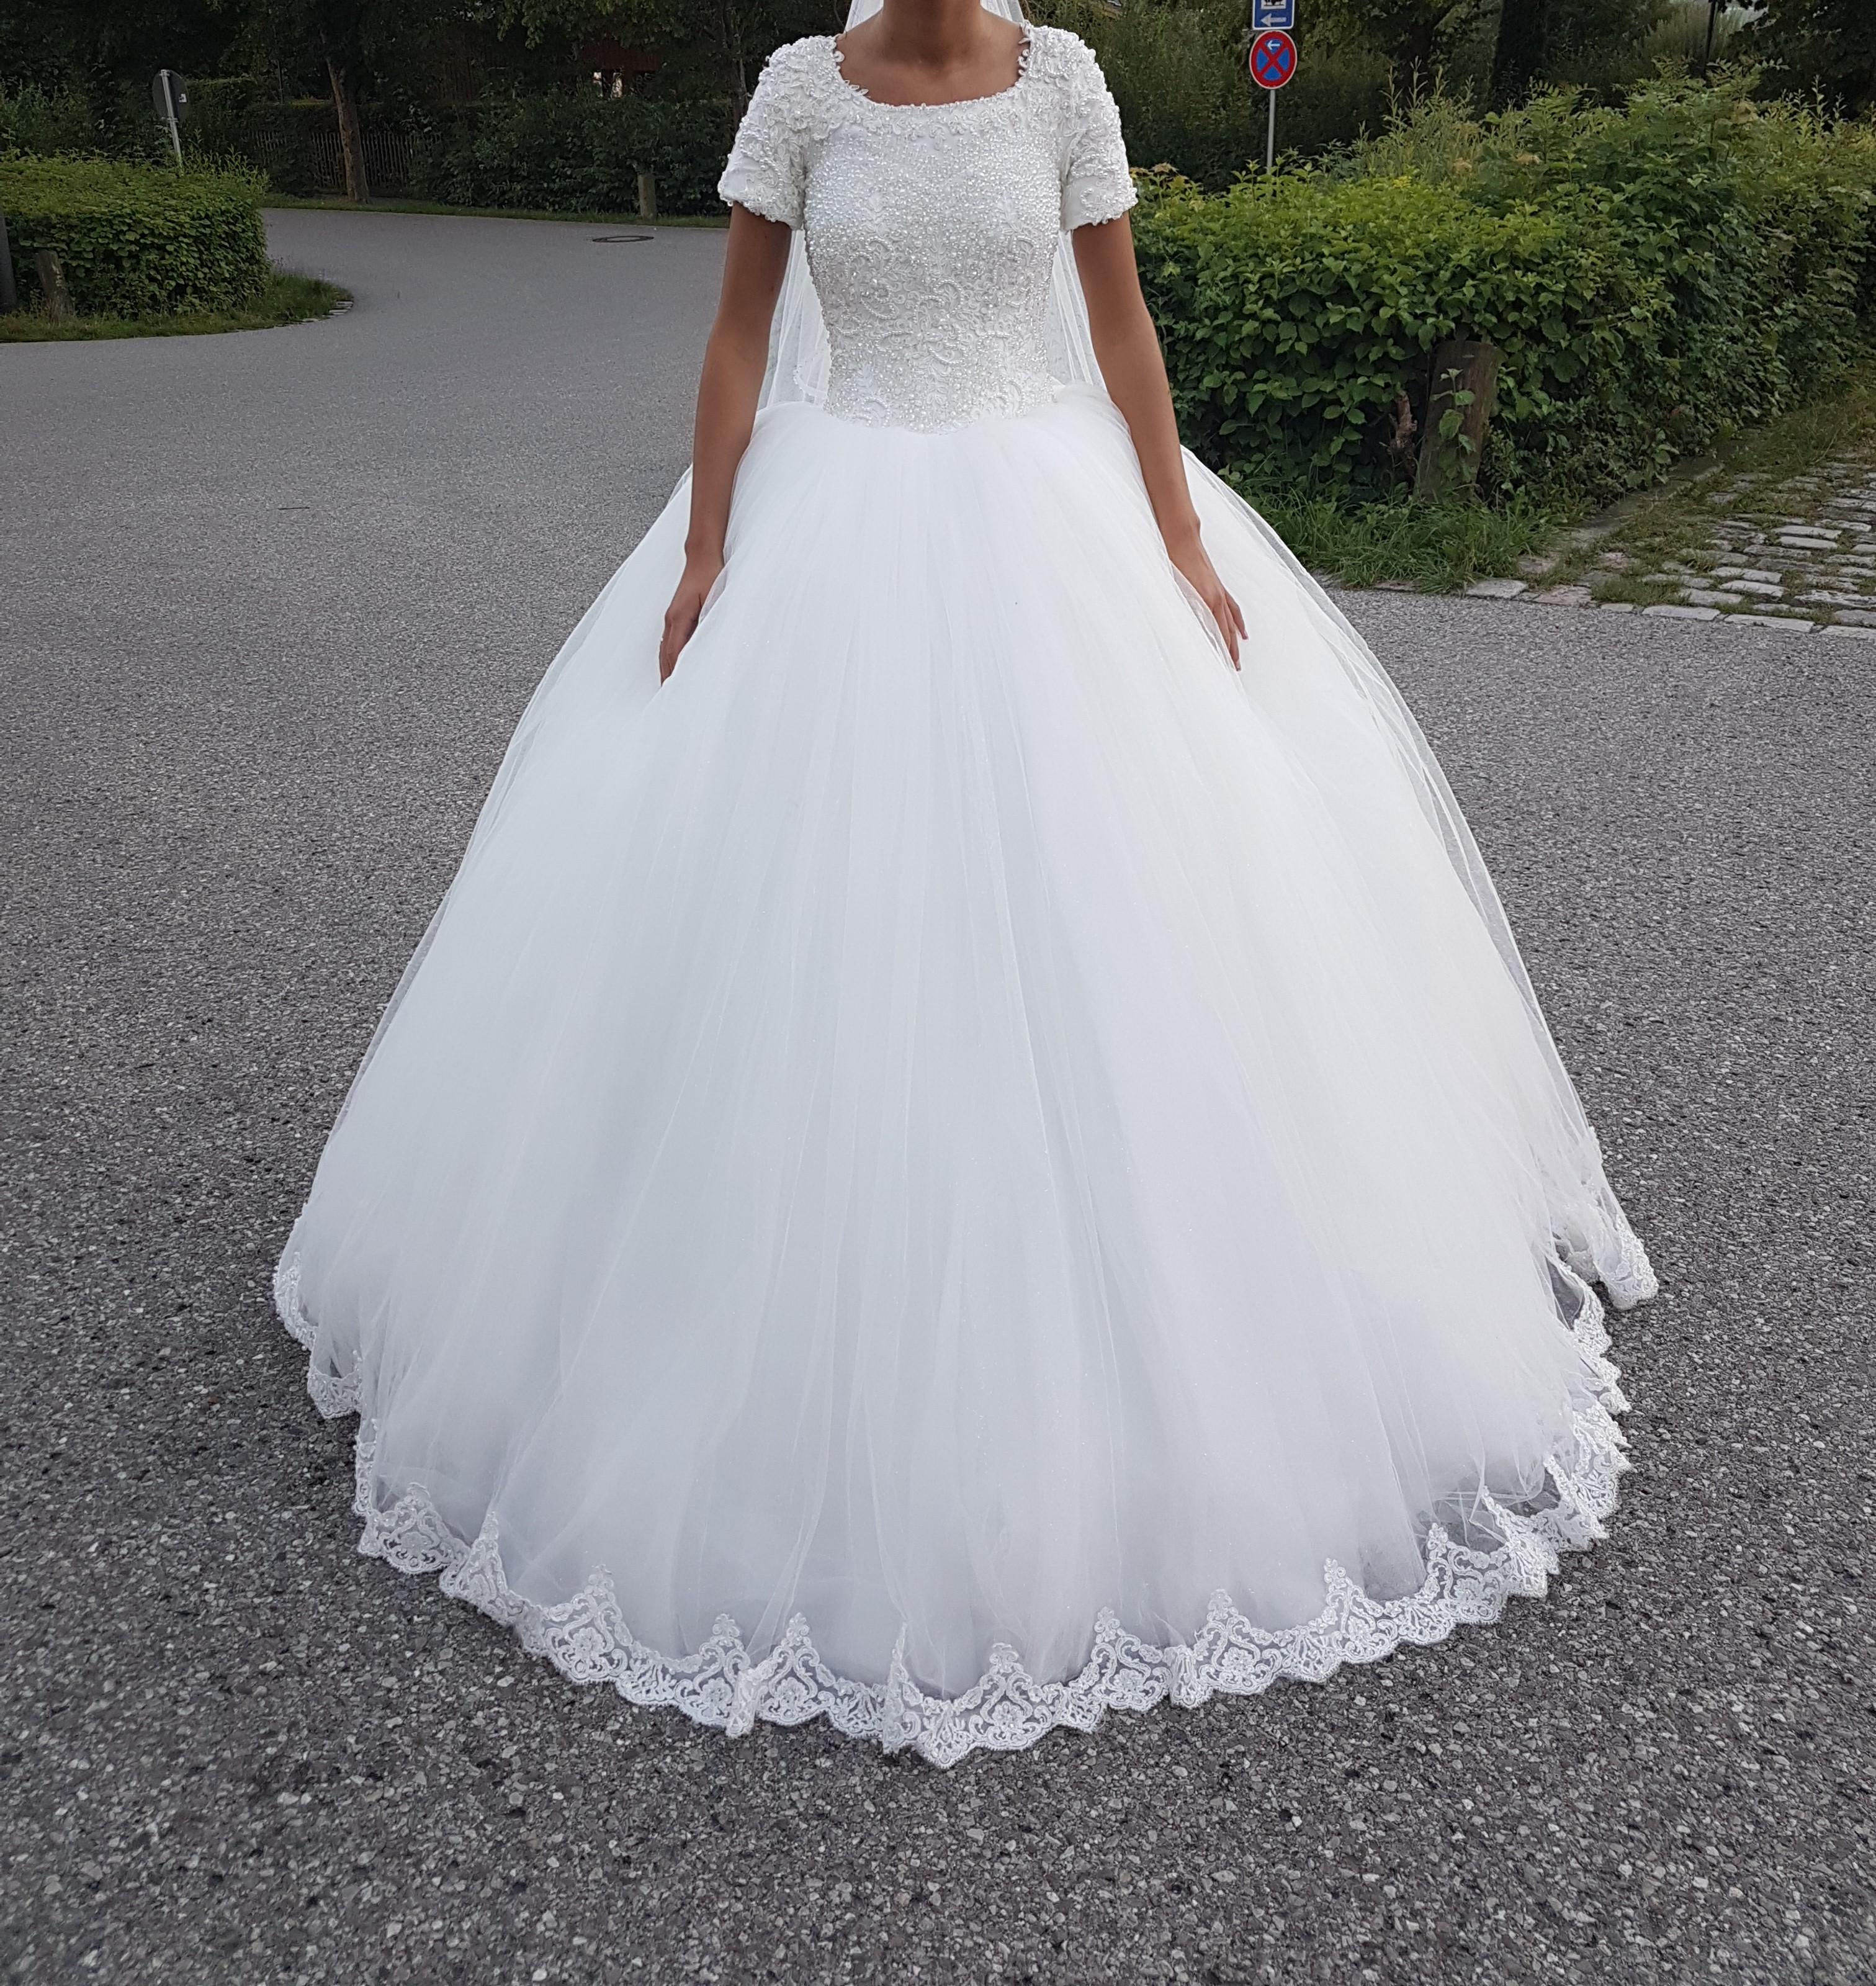 Brautkleid Prinzessin | Brautkleid Verkaufen